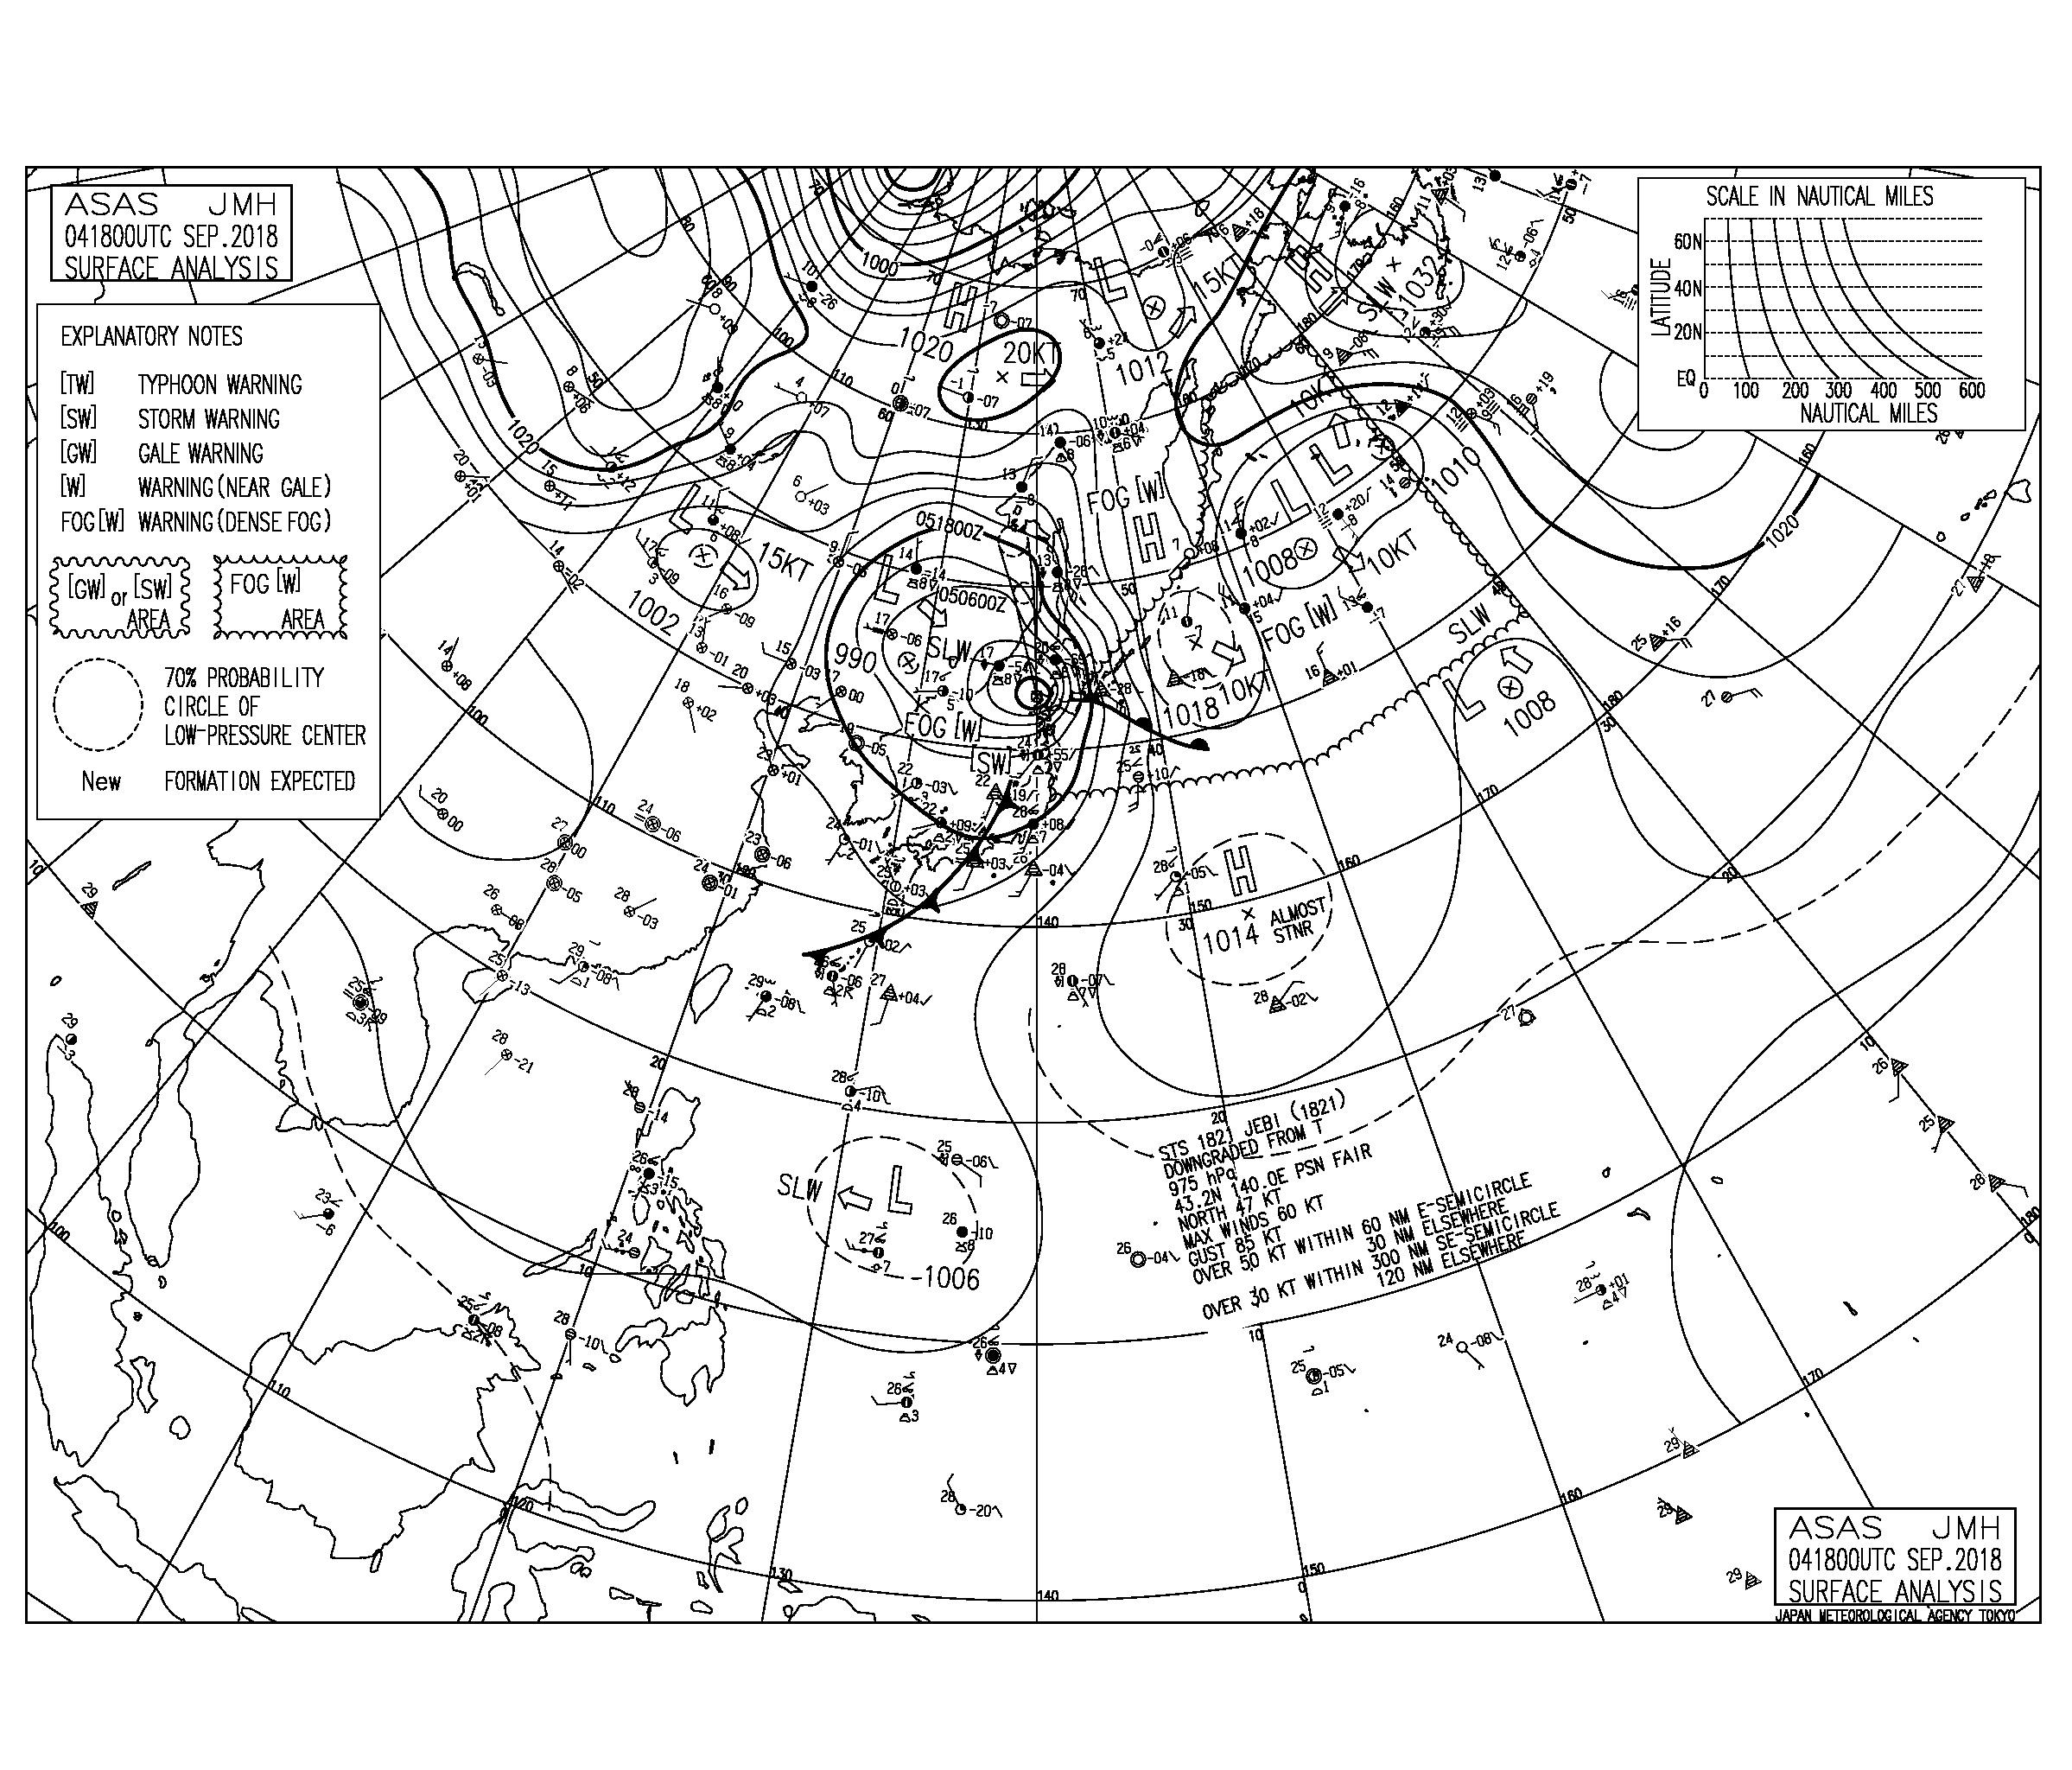 9/5 気圧配置と波情報~台風21号は近畿地方に大きな爪痕残す、フィリピンの東には熱帯低気圧が発生しそう